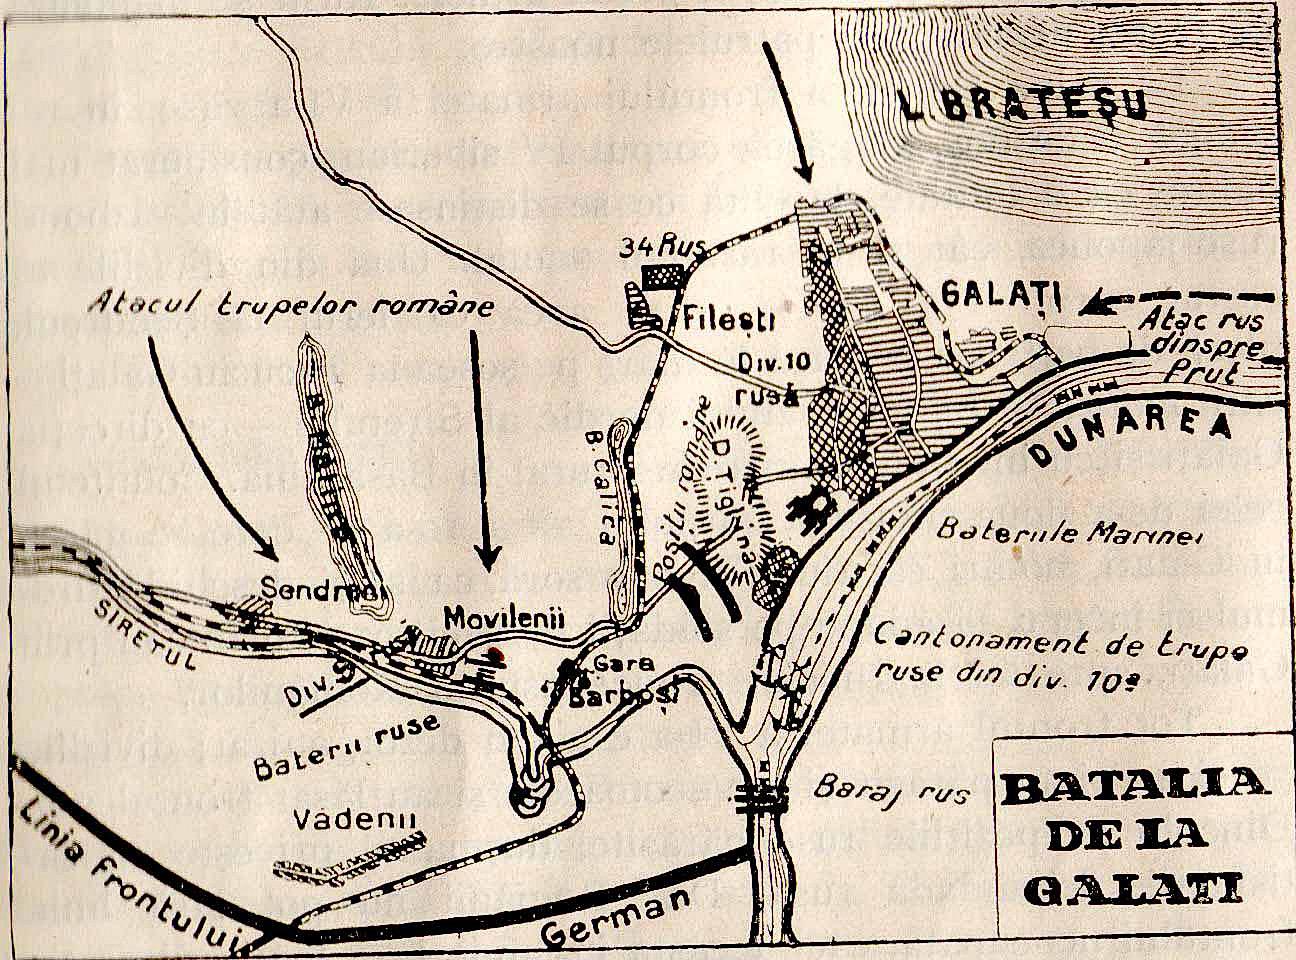 Harta bataliei de la Galati din anul 1918